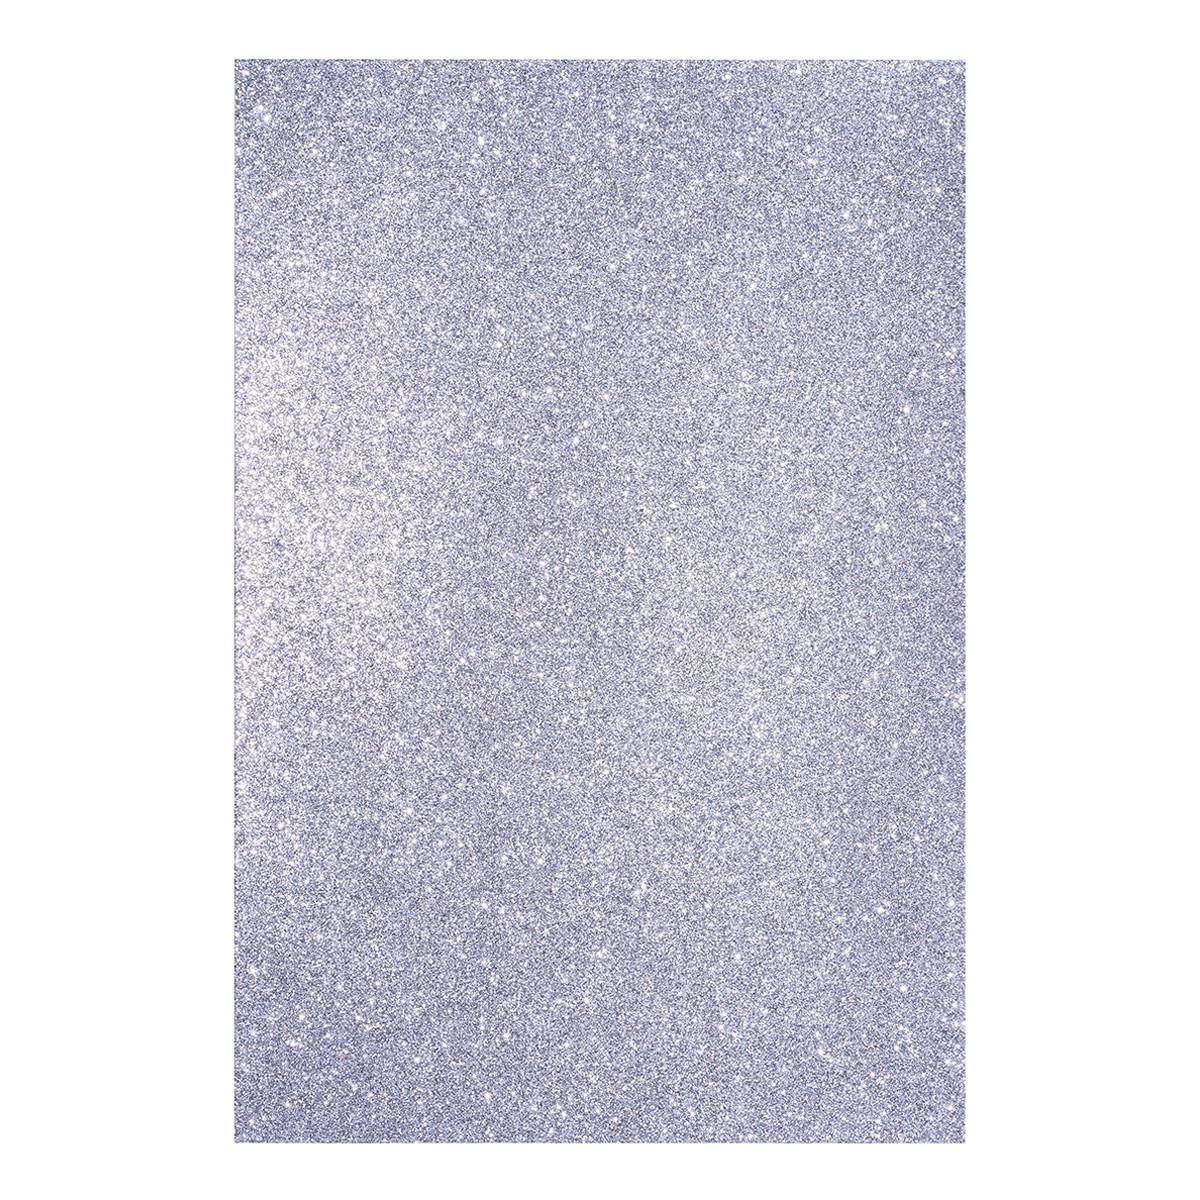 Фоамиран ЭВА серебряный с глиттером, с клеевым слоем, 200*300 мм, толщ. 1,7 мм, 10 л.